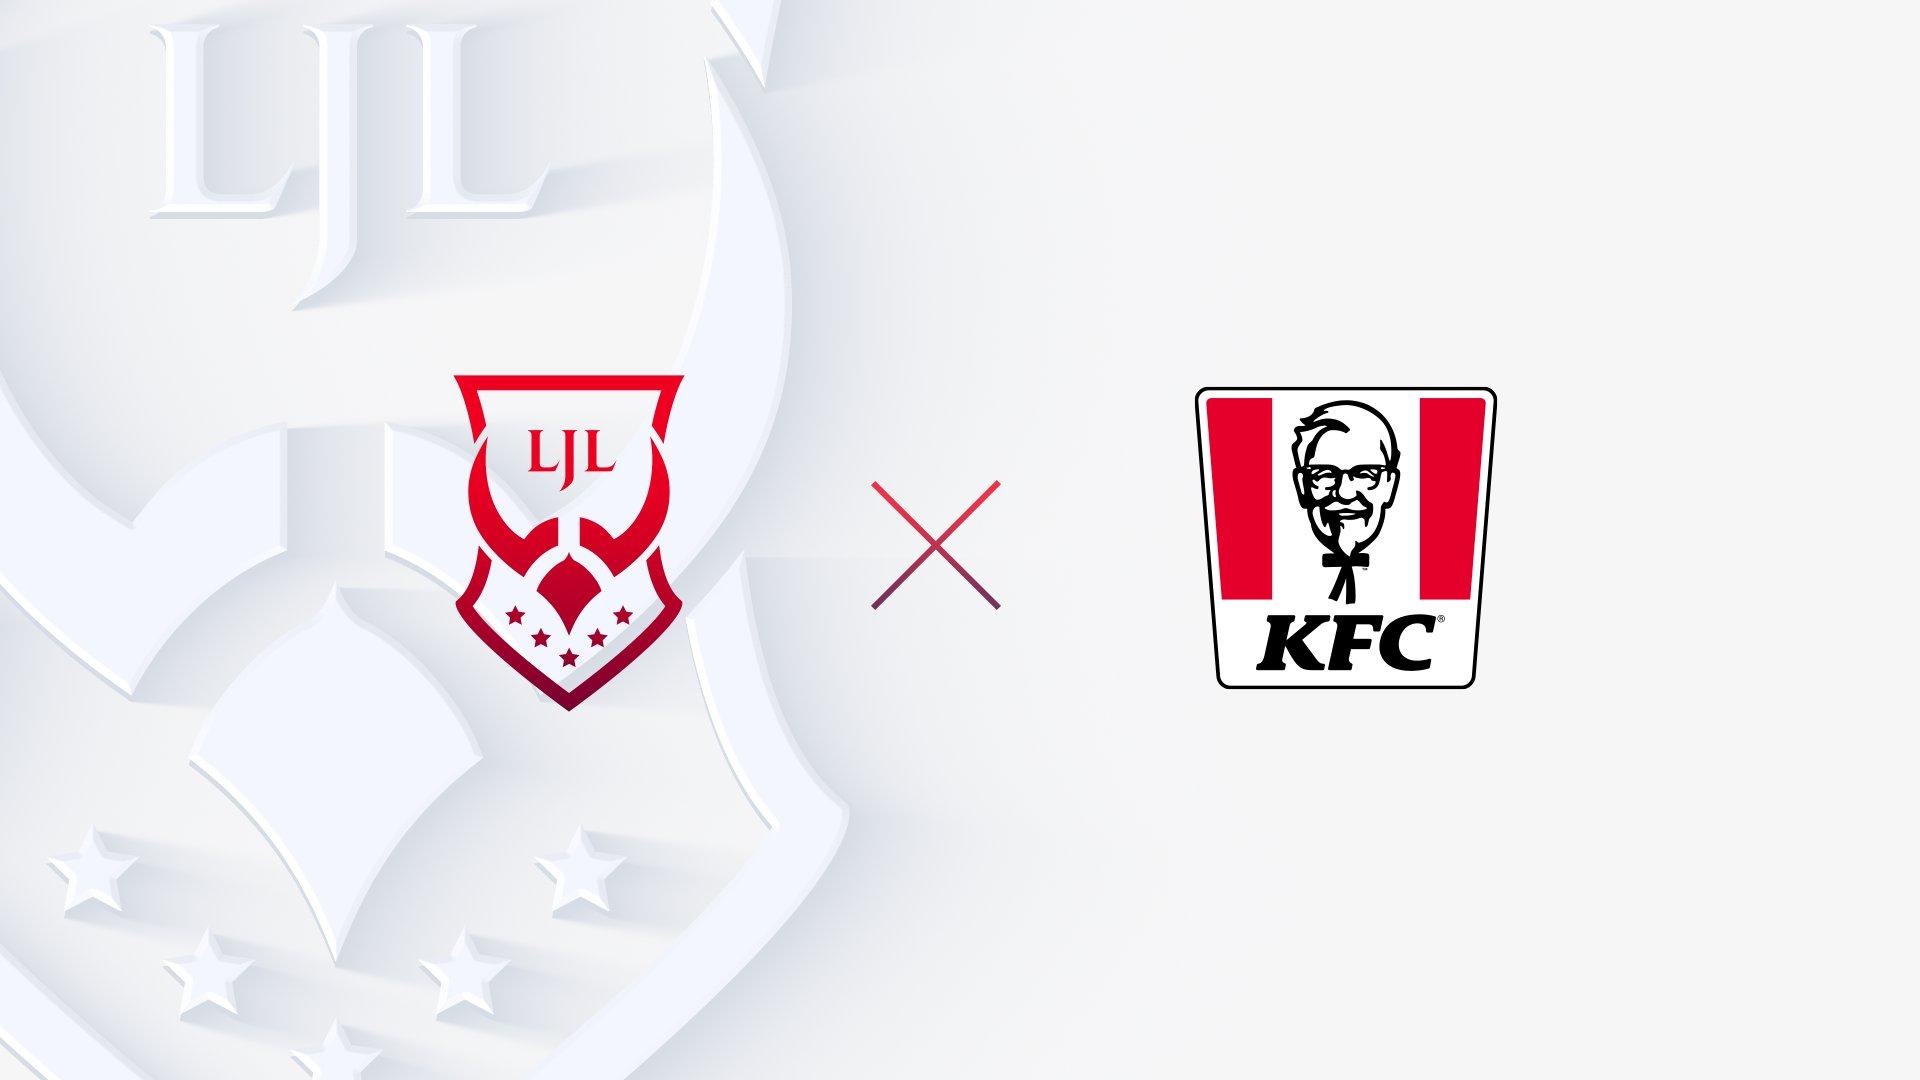 肯德基成为英雄联盟LJL赛区2021春季赛赞助商